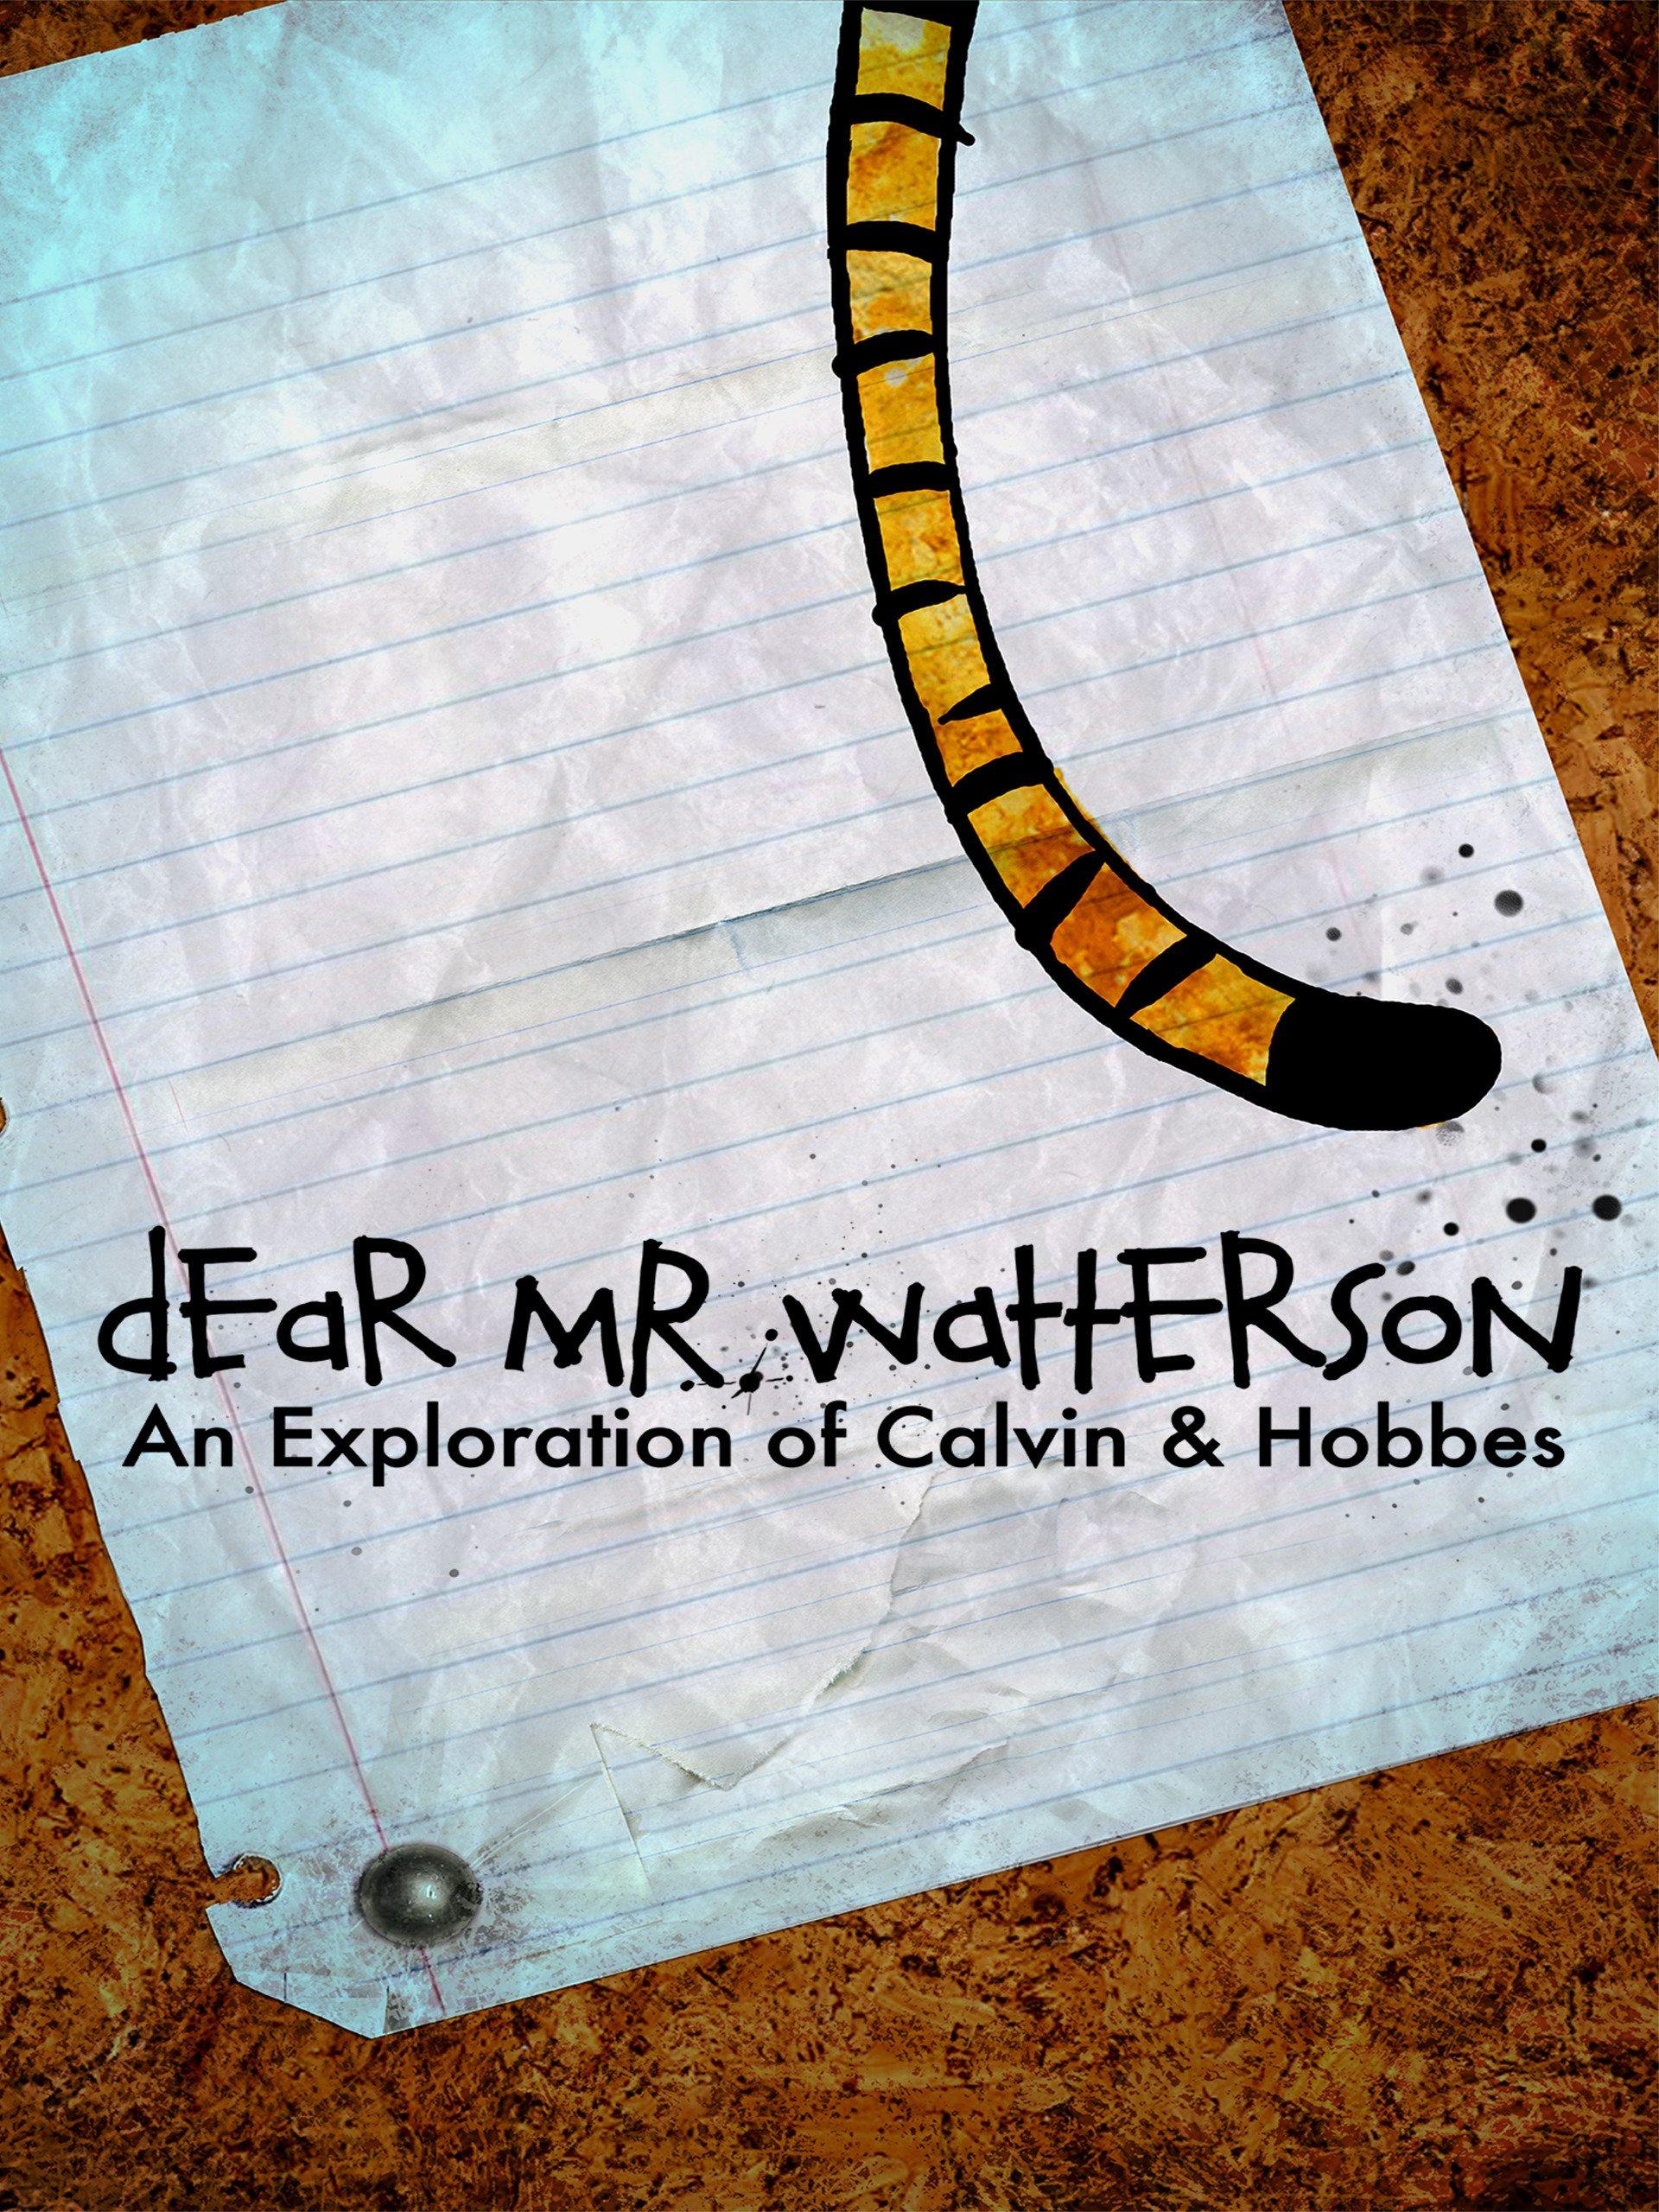 Dear Mr. Watterson on Amazon Prime Video UK